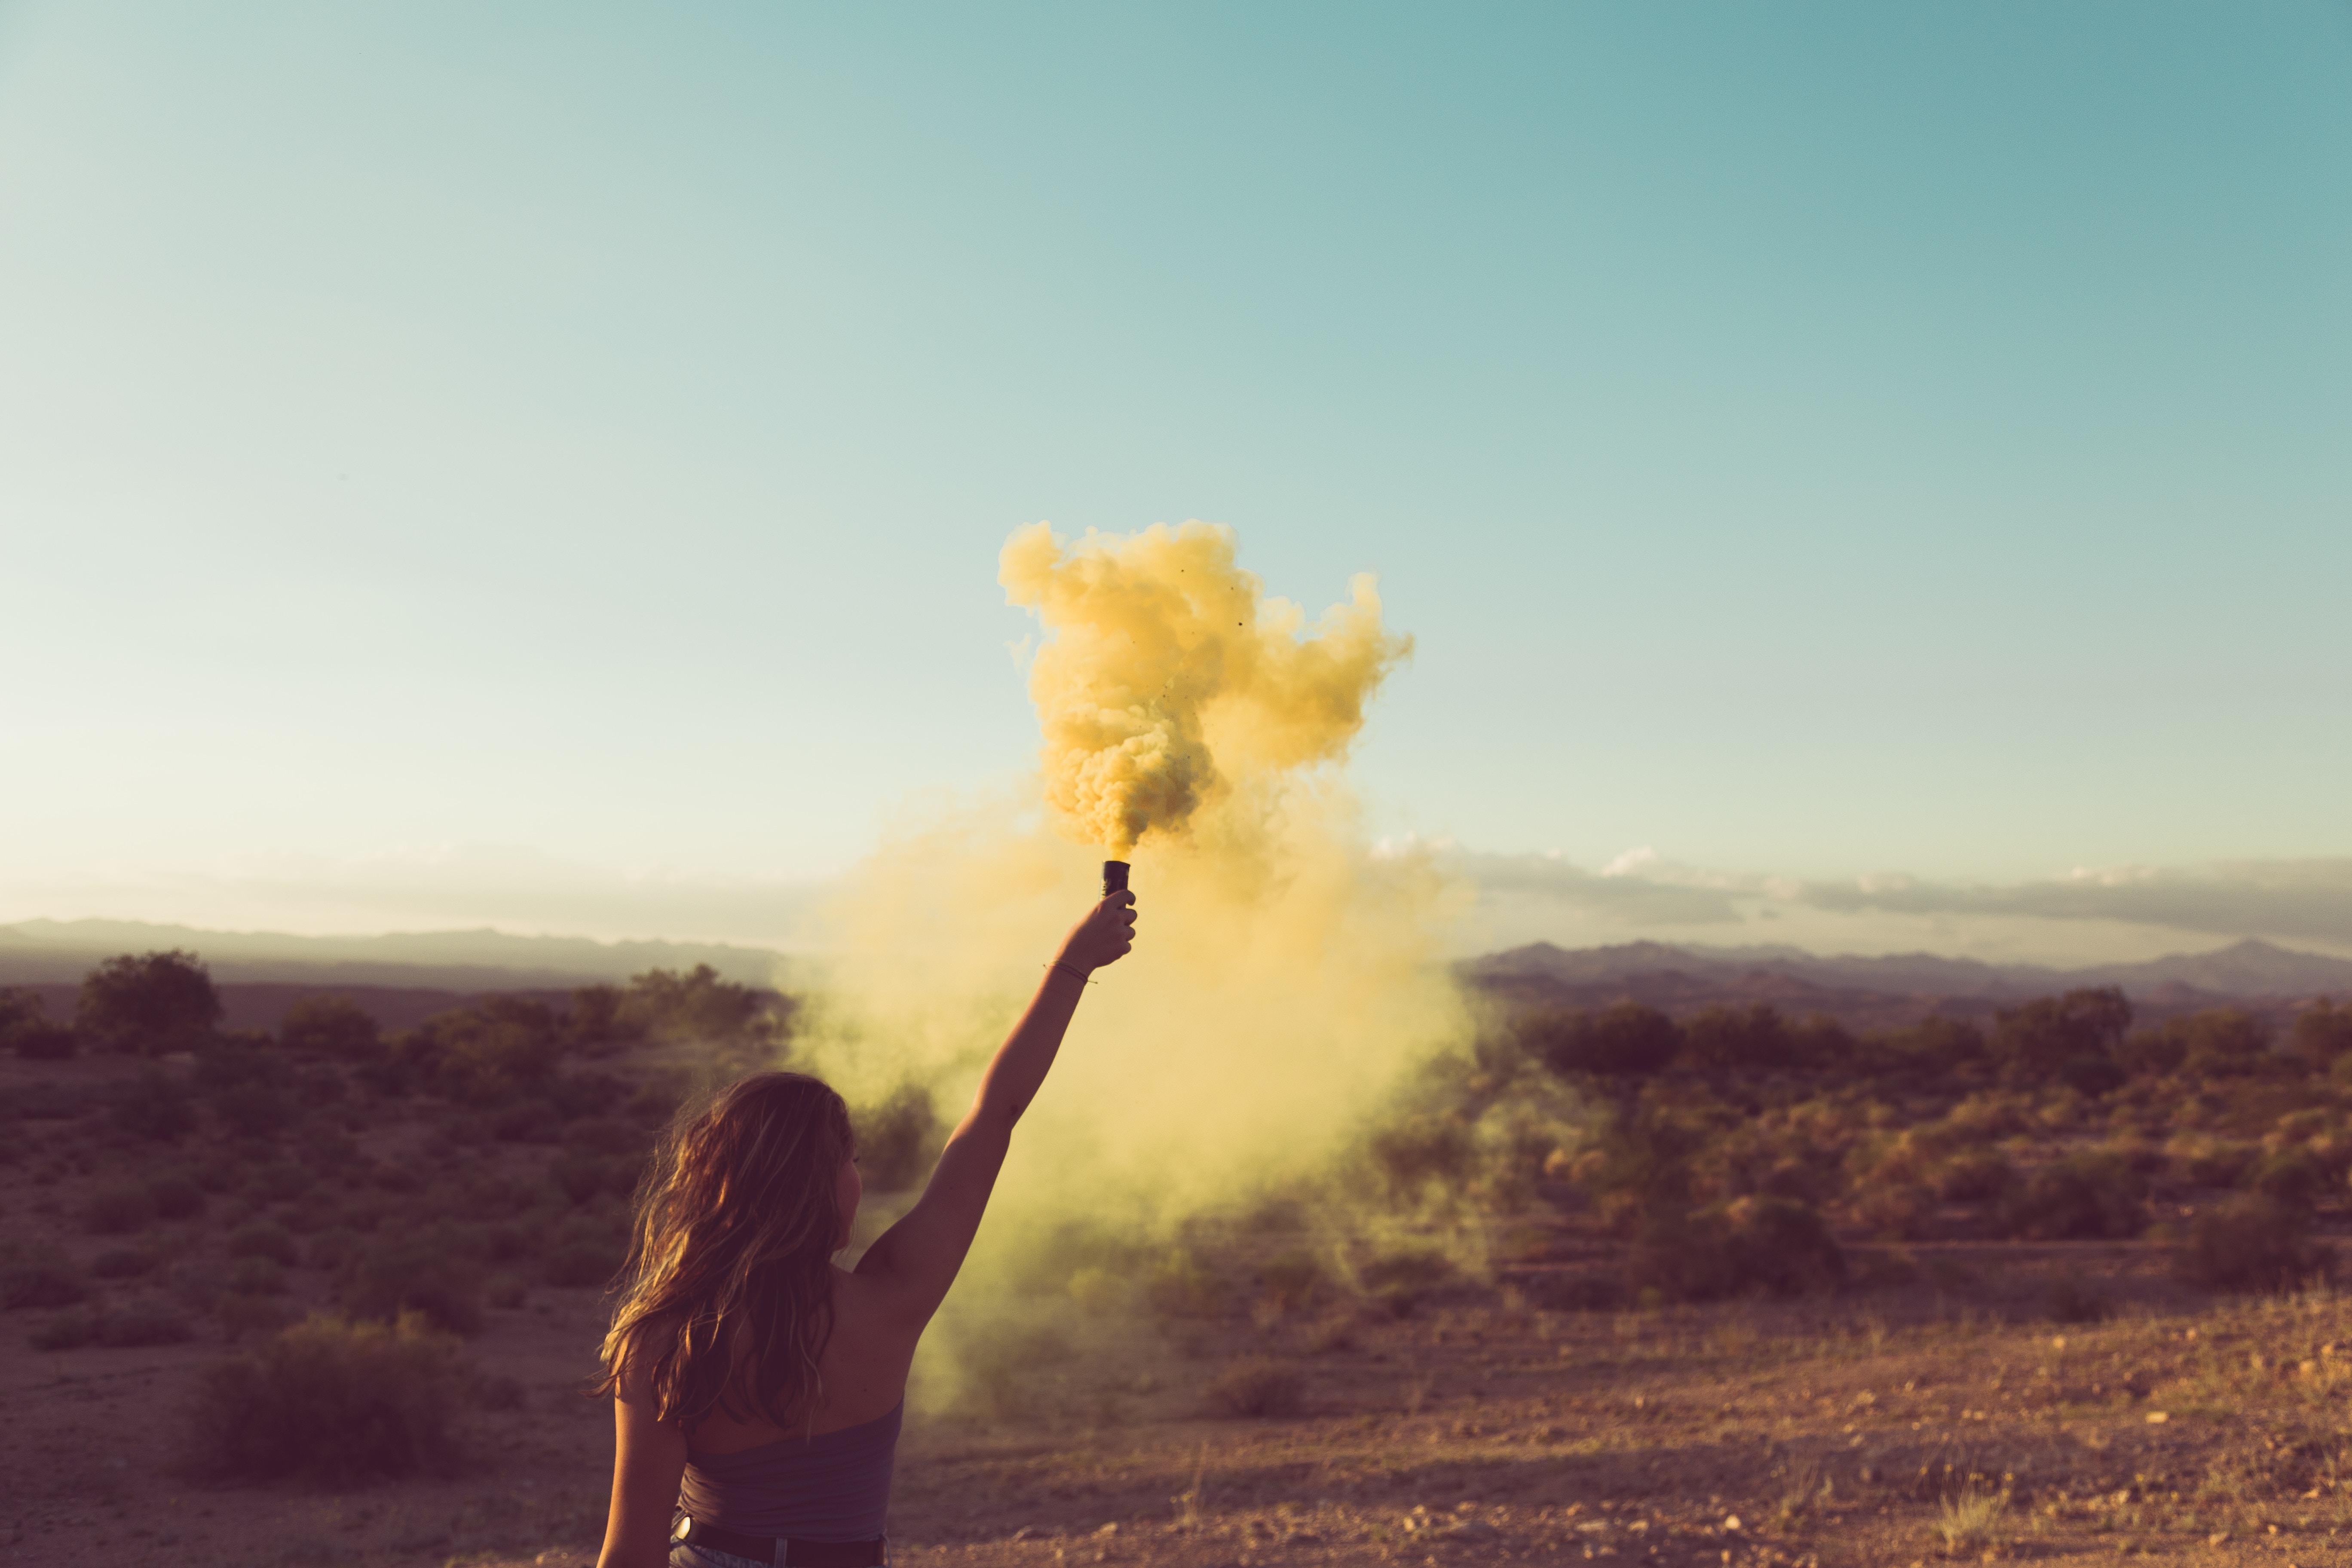 woman standing on desert holding flare